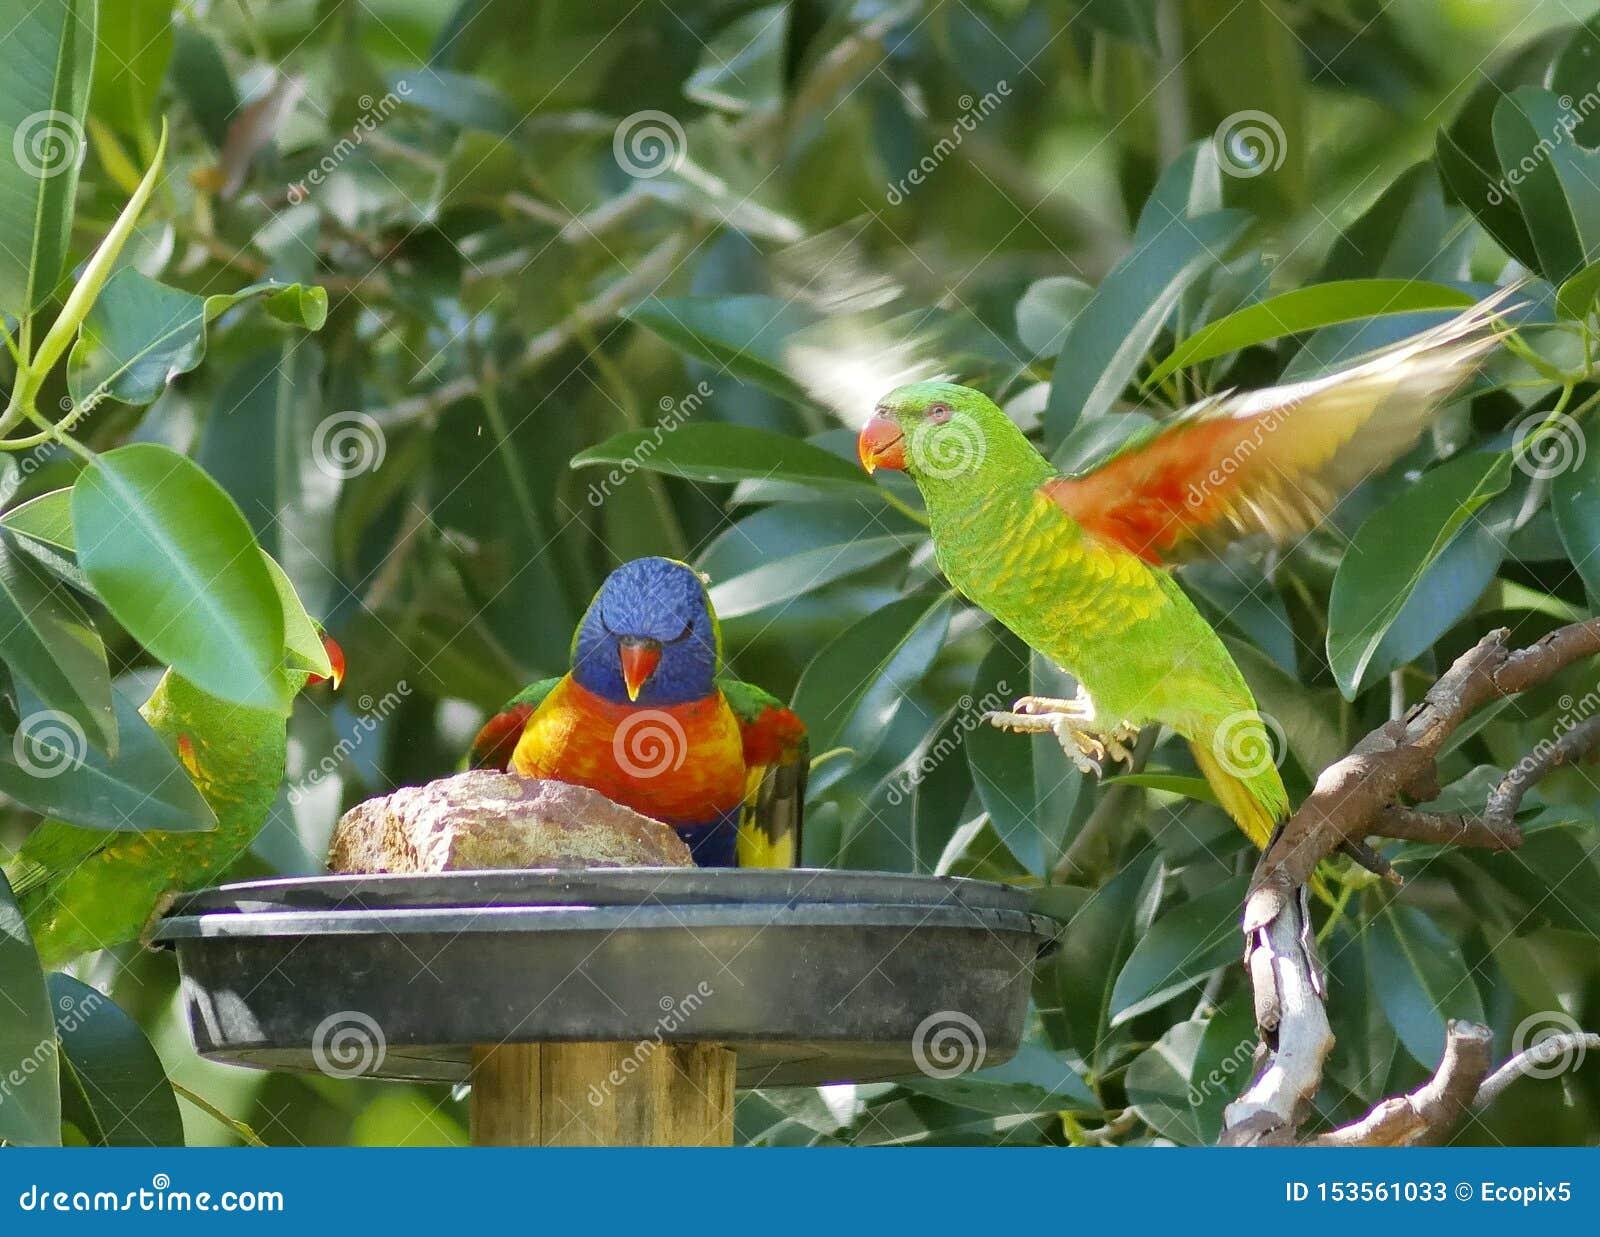 Regenbogen lorikeet linkes und scaley-breasted lorikeet Recht, Fliegen